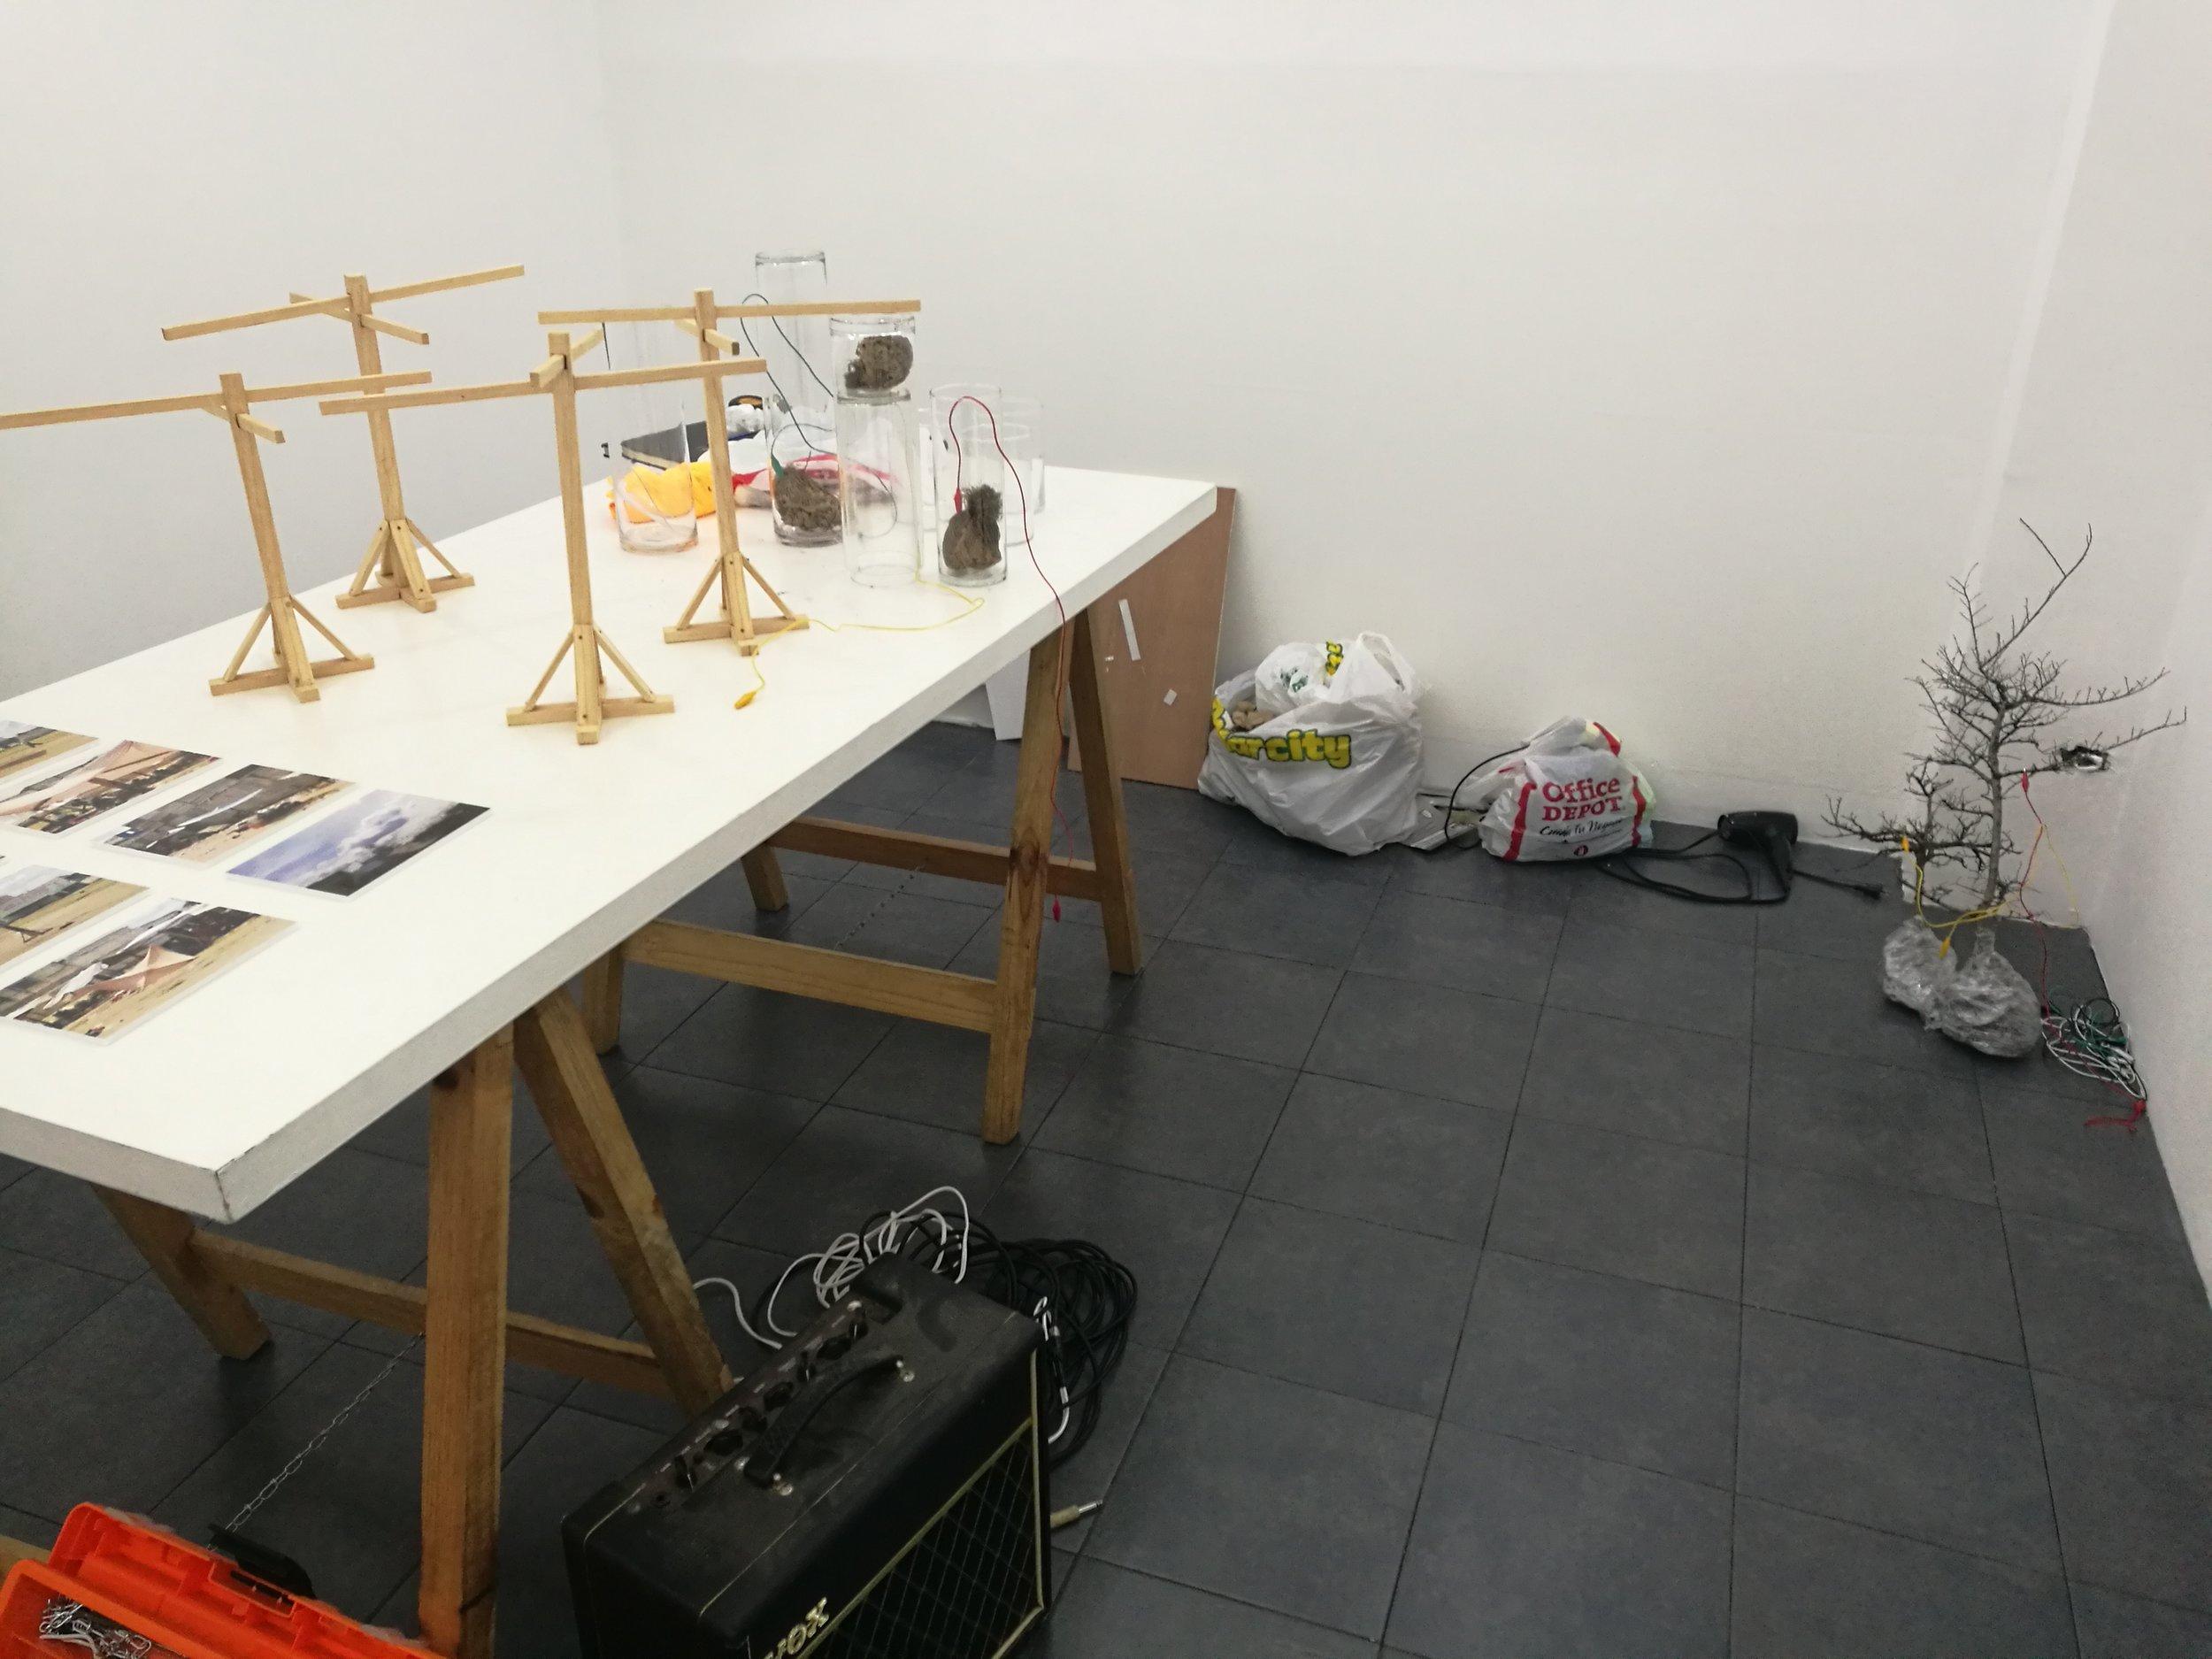 mario alberto lopez - project room - 20.jpg